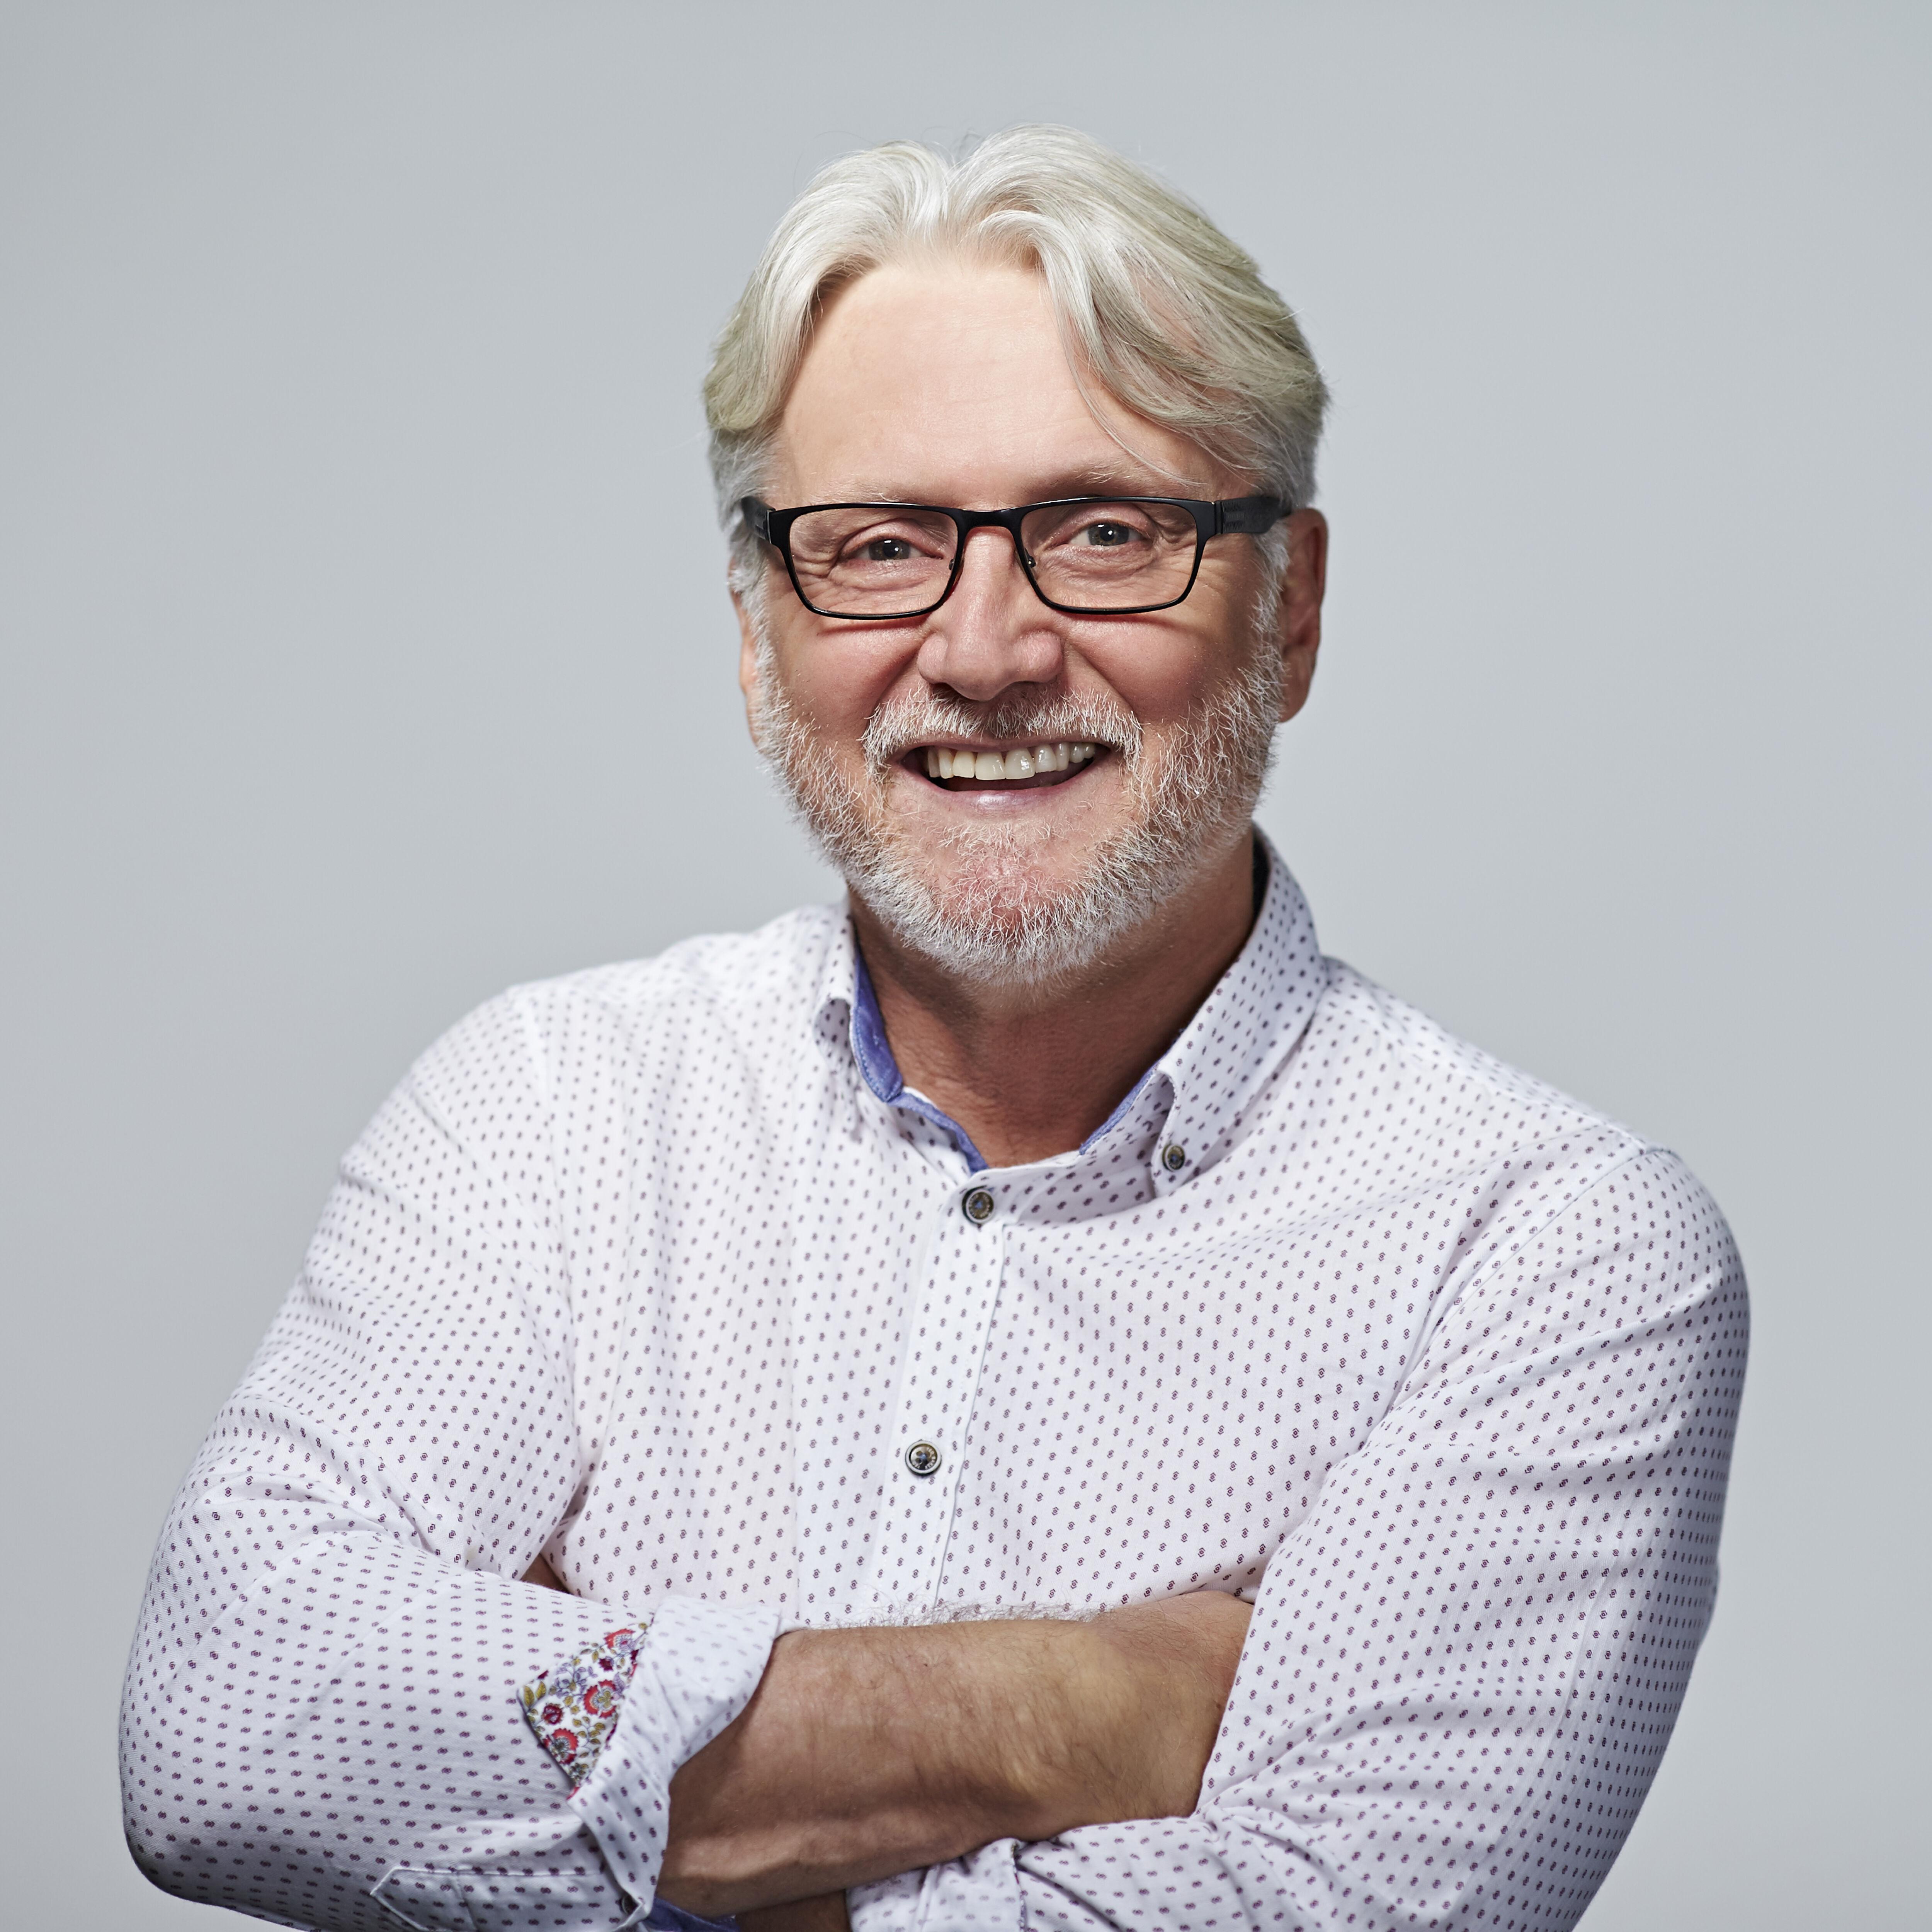 Ross Hutchens